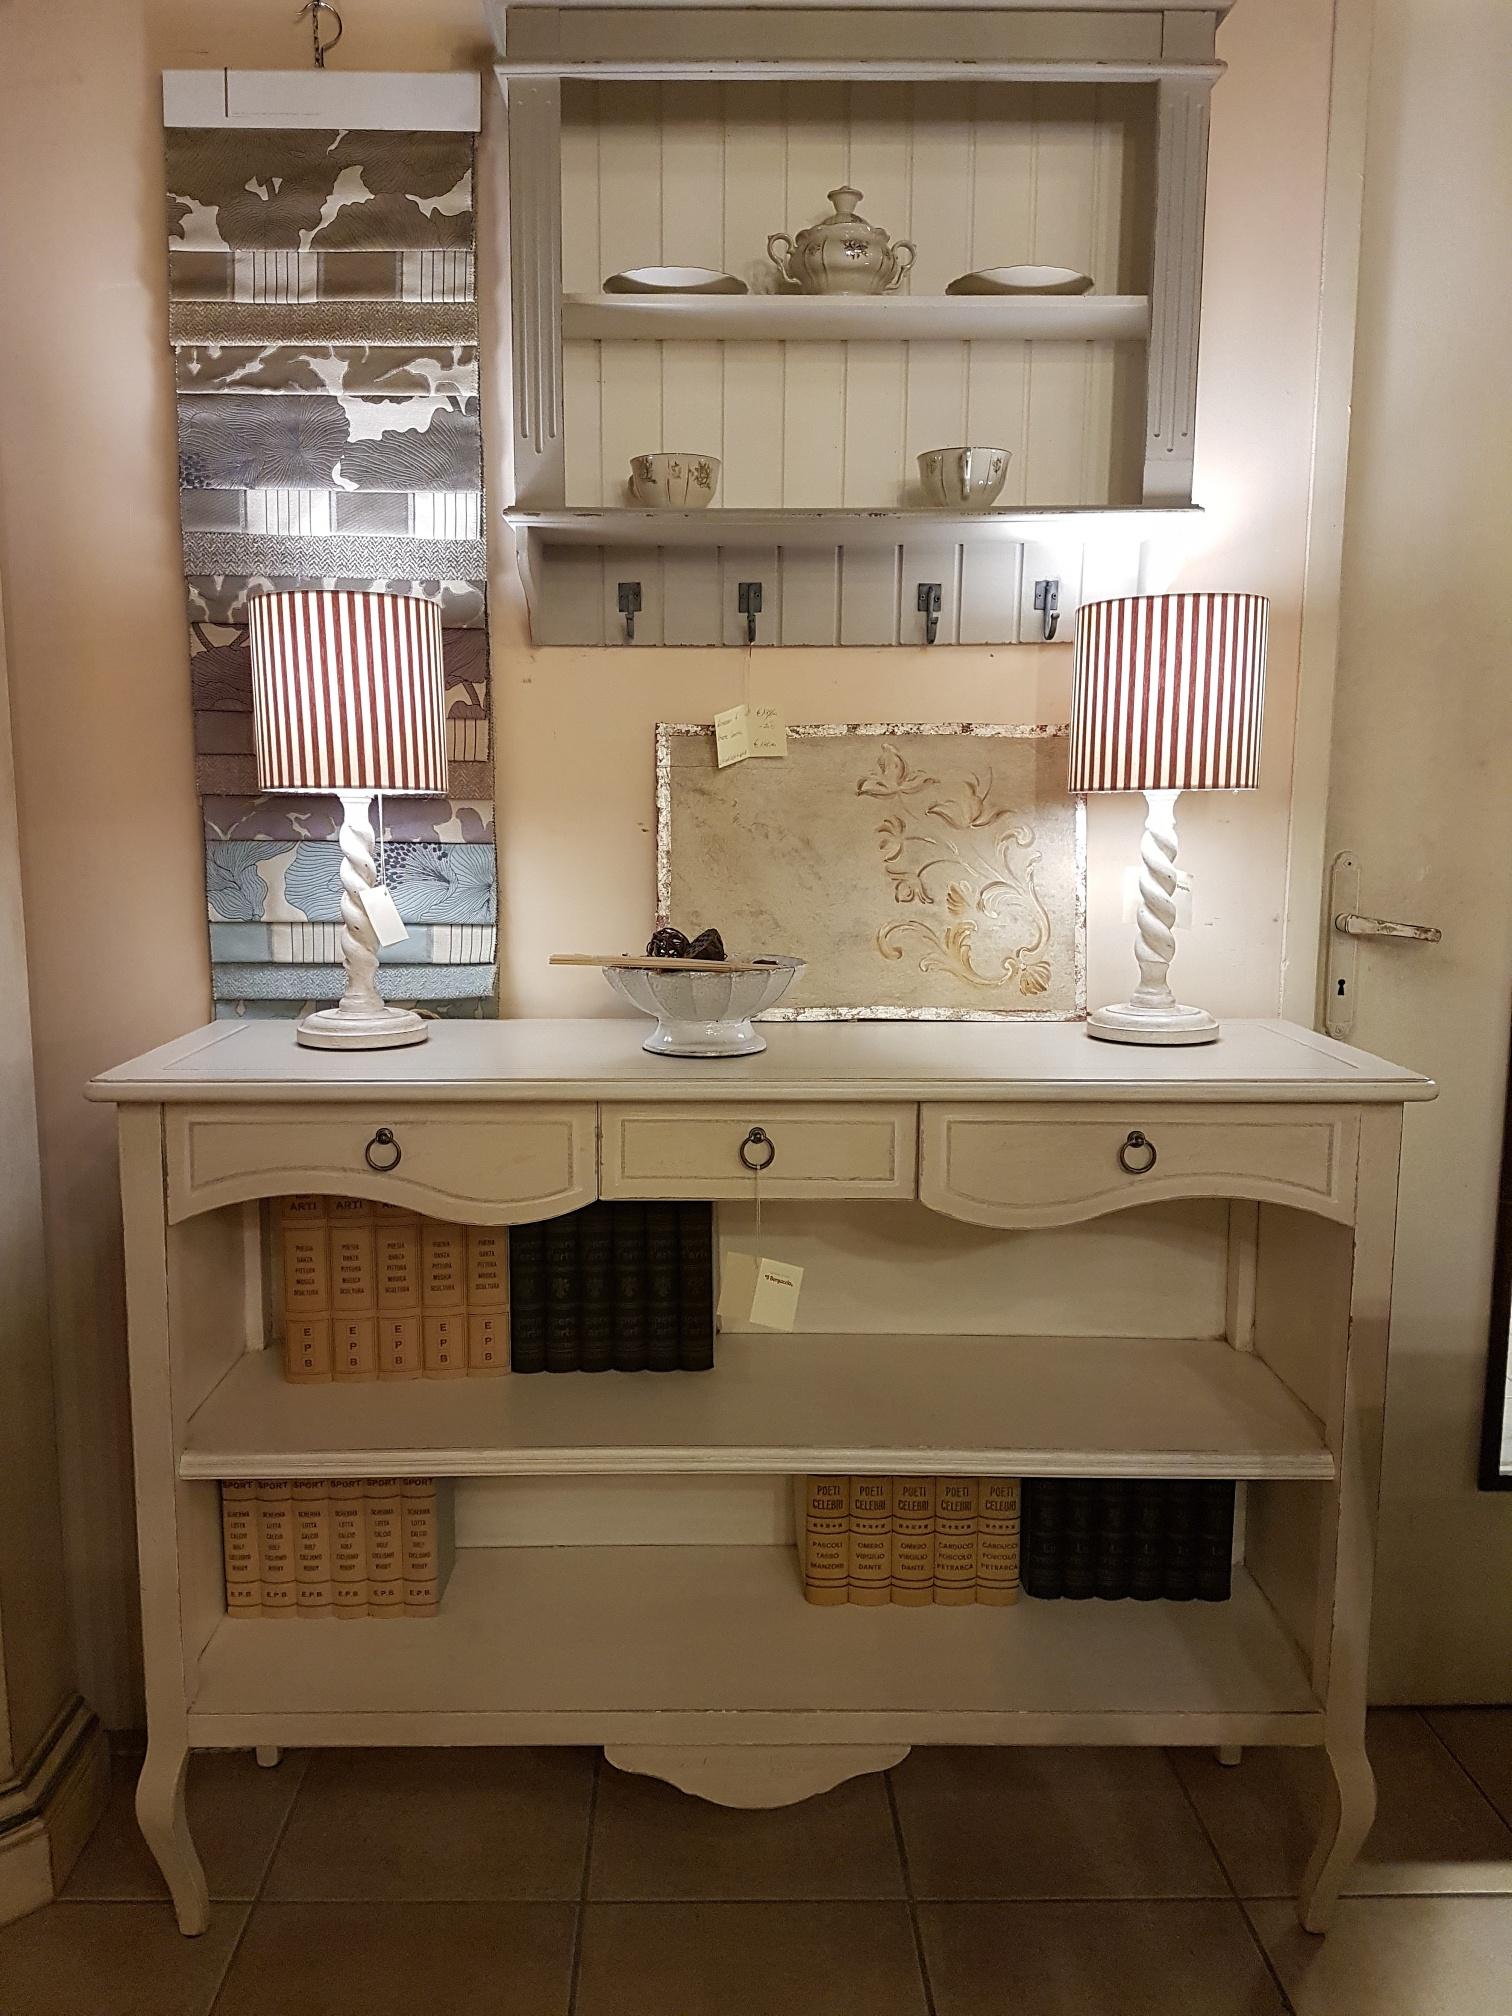 Finest libreria bassa in legno laccata a mano stile country inglese mobili country siena e - Mobili stile inglese bianco ...